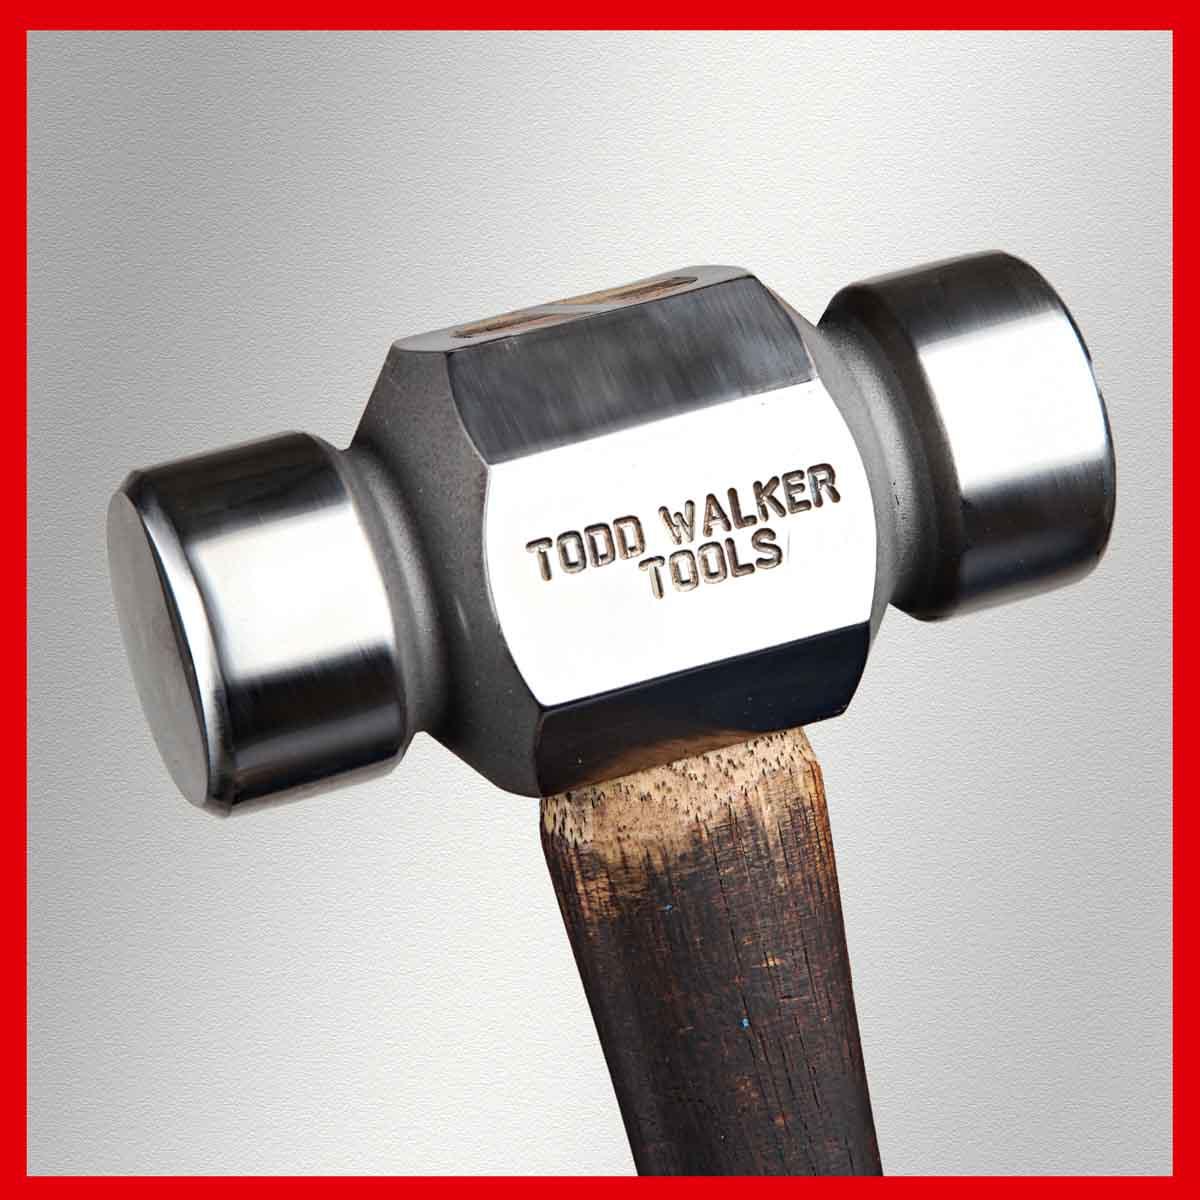 Todd Walker Turning Hammers